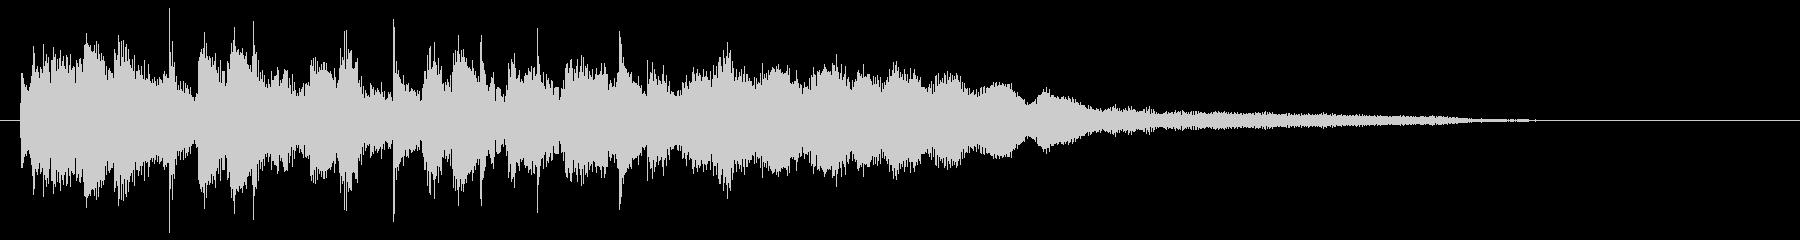 アイキャッチ 23(オールディーズ風)の未再生の波形